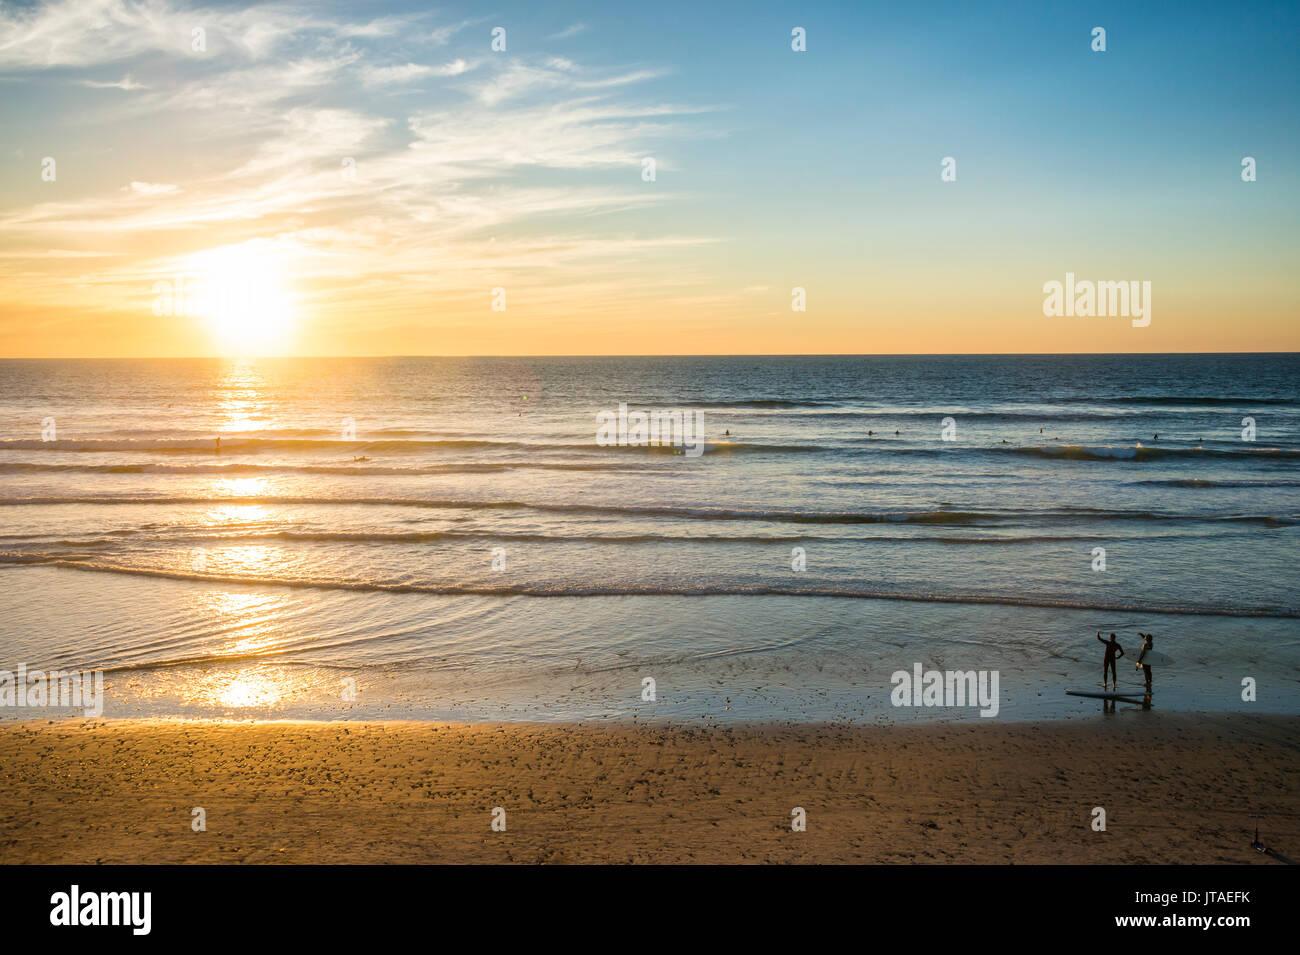 Paar in der Hintergrundbeleuchtung zu Fuß bei Sonnenuntergang, Del Mar, Kalifornien, Vereinigte Staaten von Stockbild